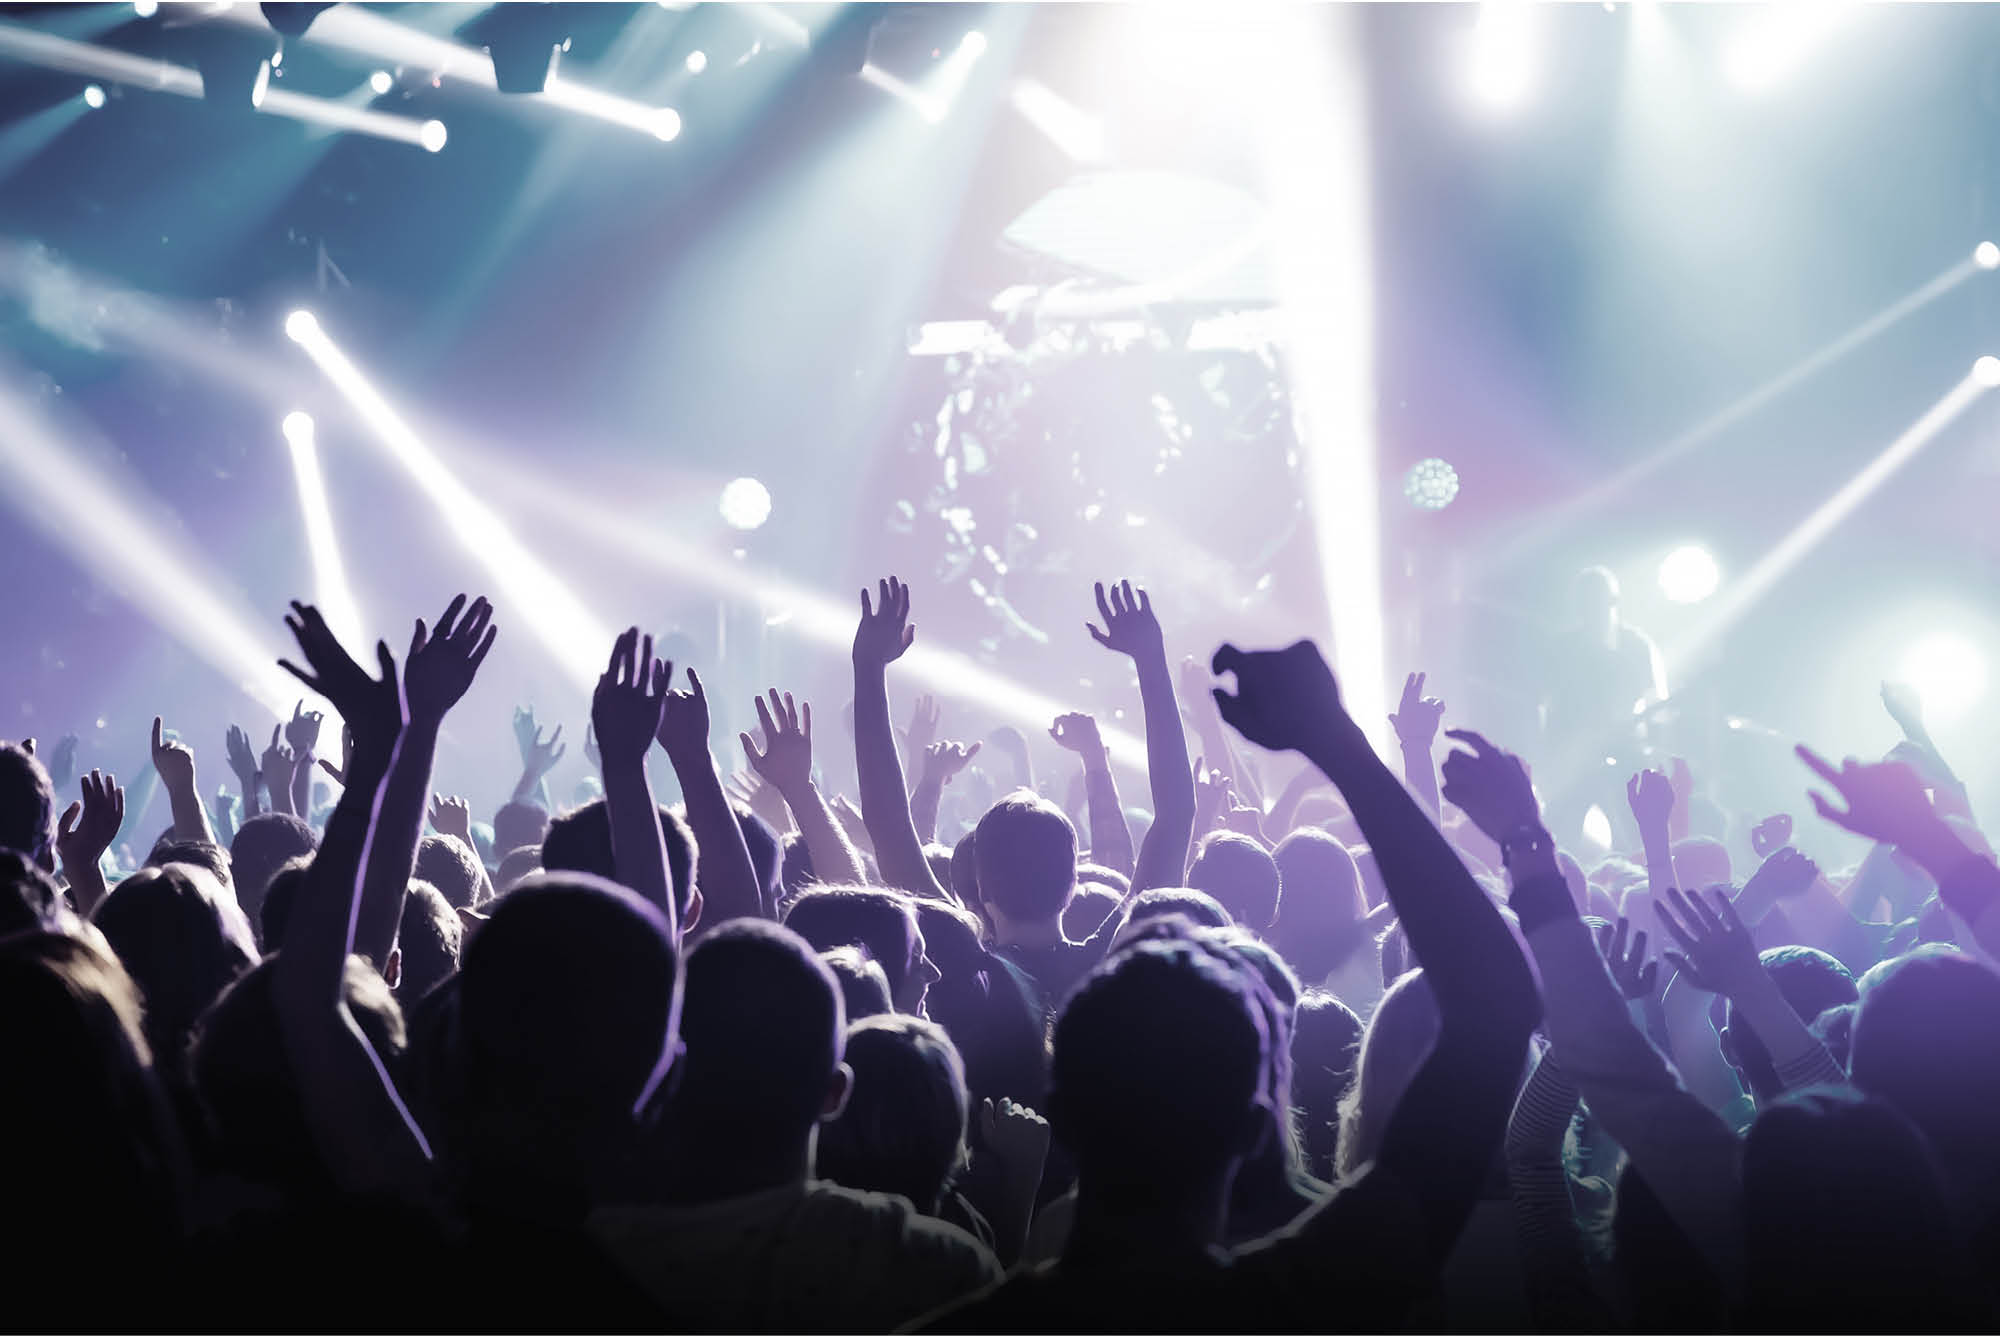 Werbeagentur Werbenetzwerk plant Events und Veranstaltungen